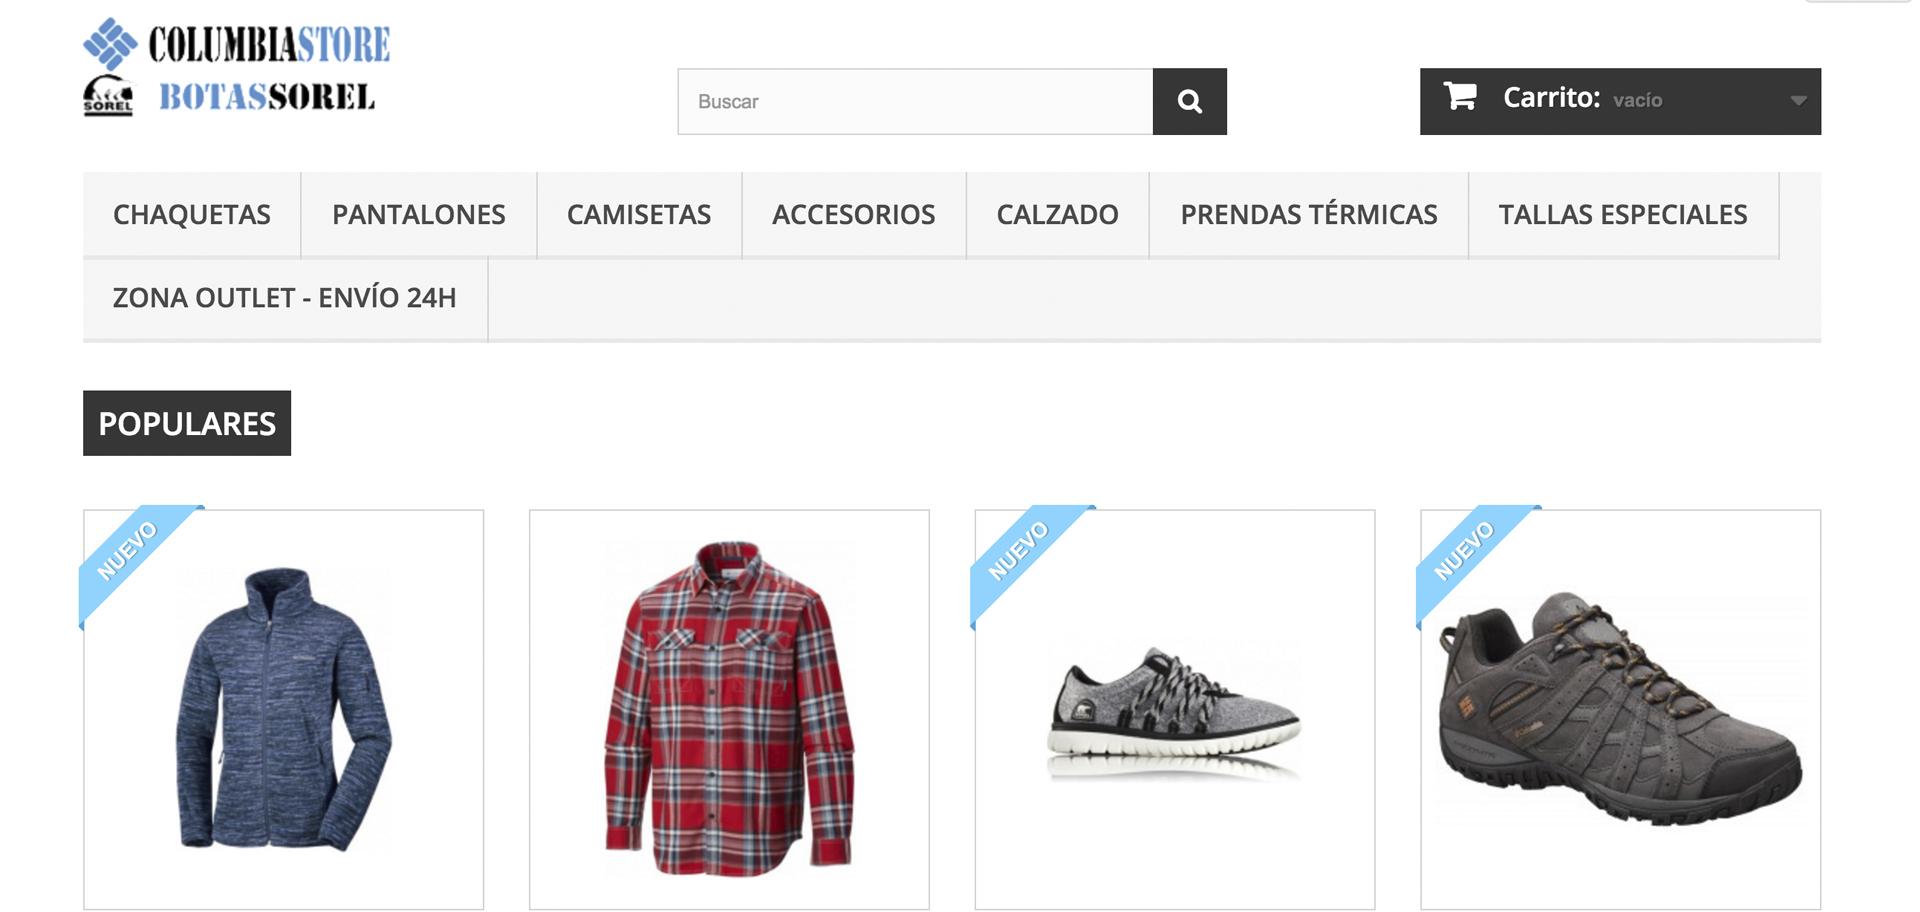 web de columbia store lugo tienda online por xeral.net